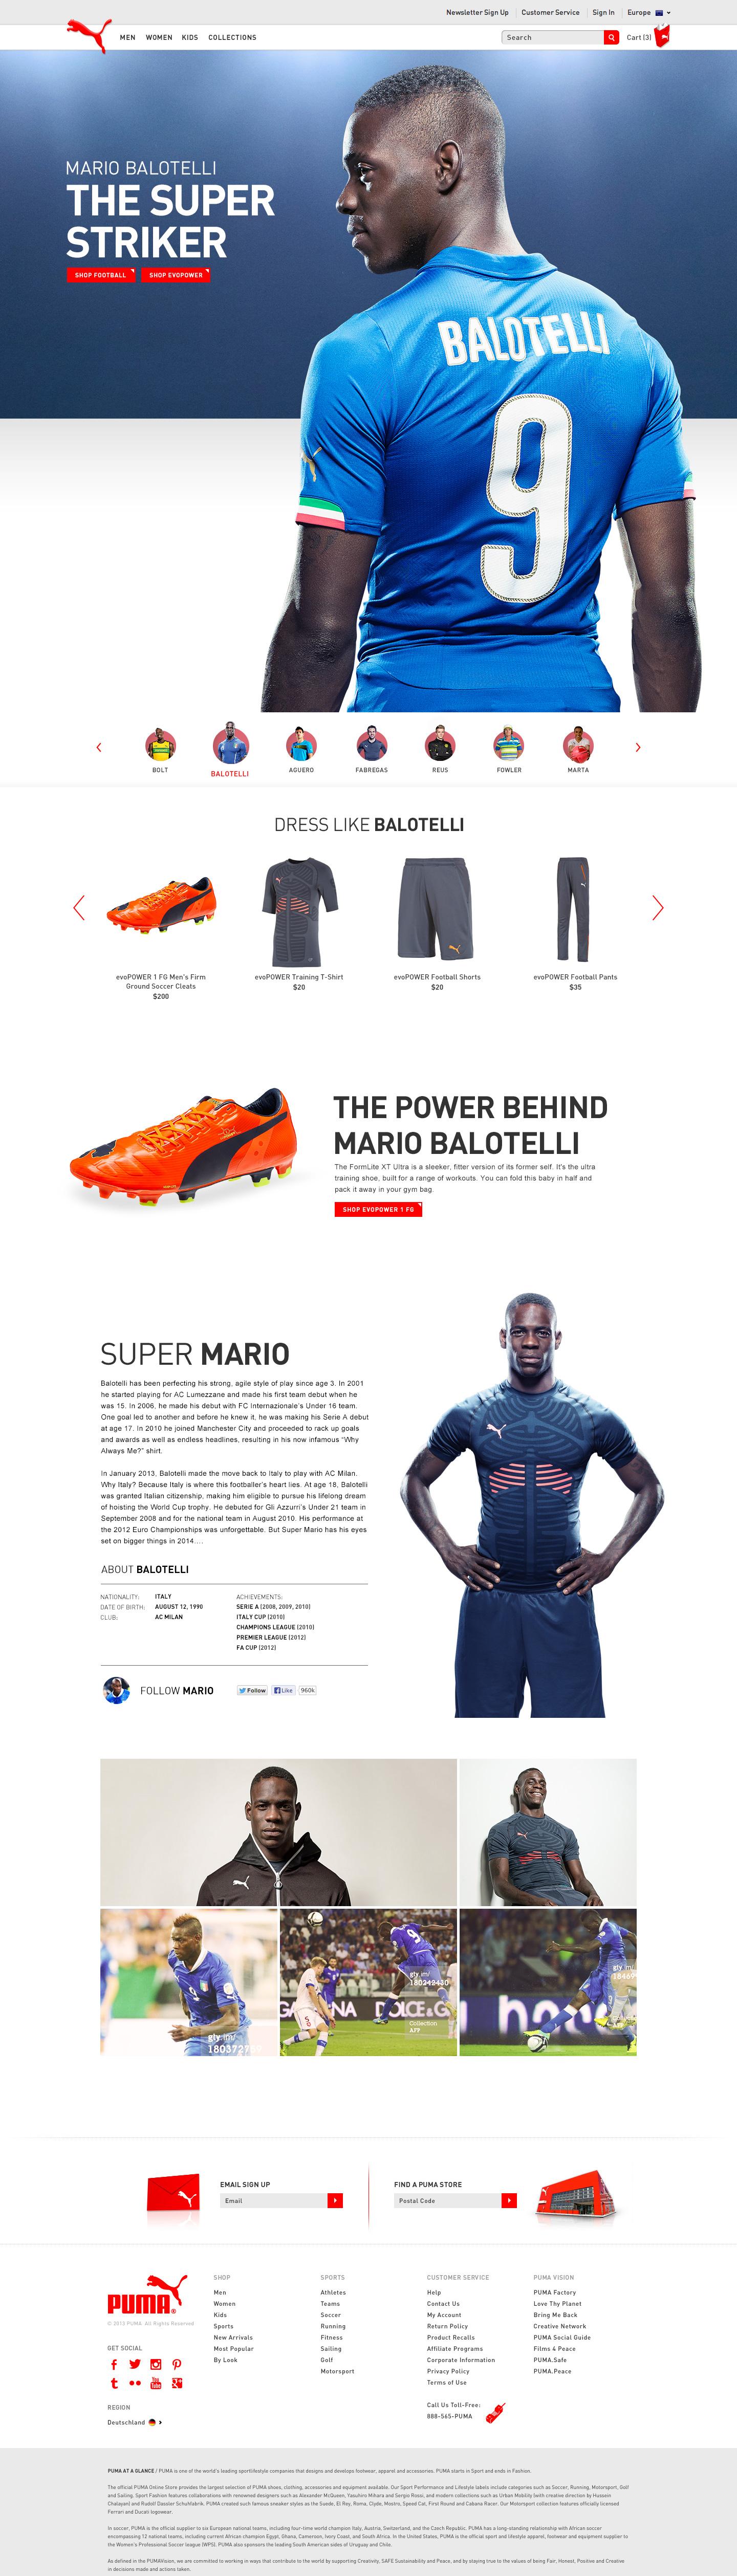 PUM_Athlete-Balotelli_0314.jpg